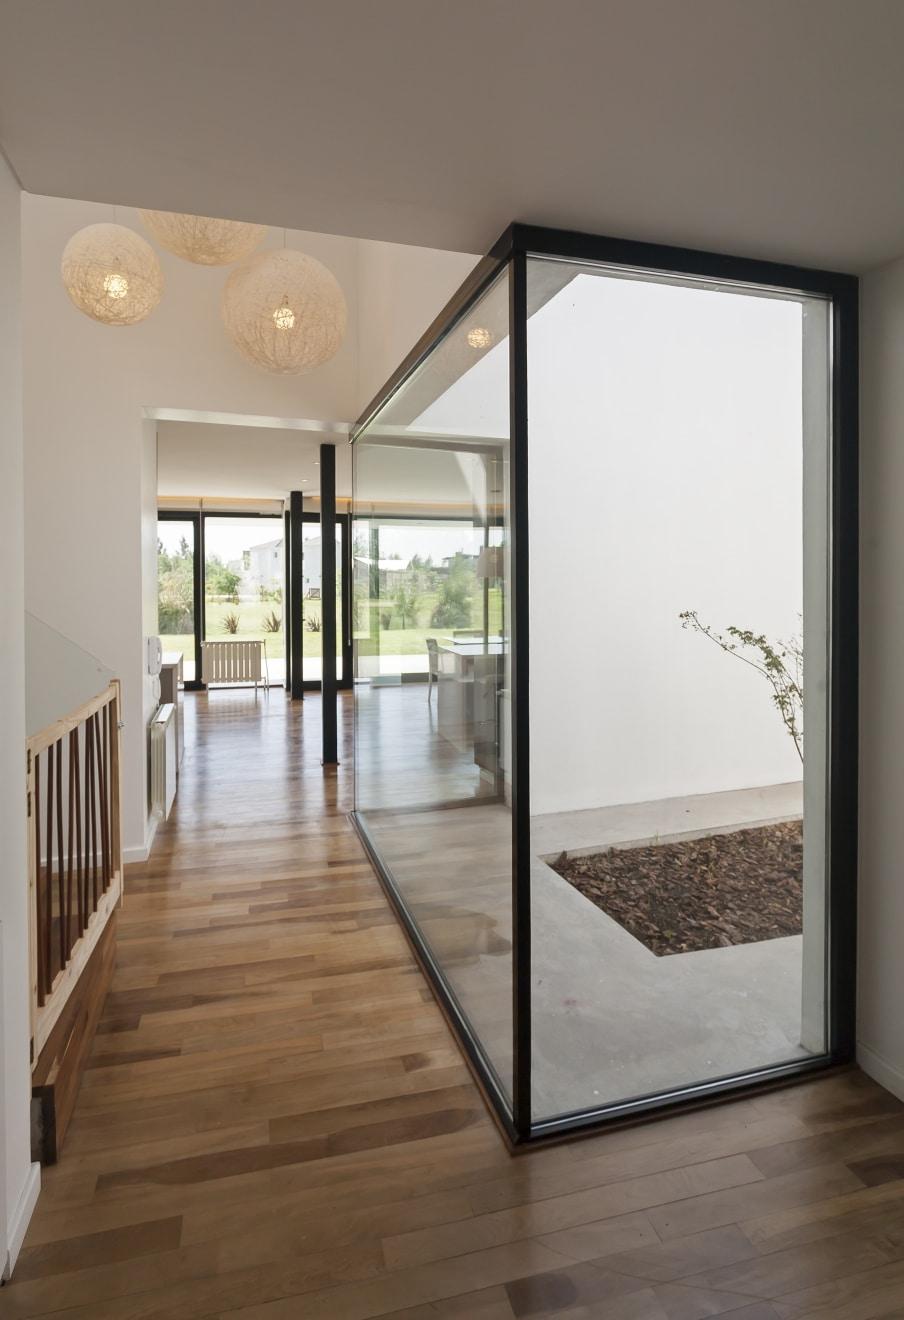 Dise o de casa de dos pisos moderna la estructura for Diseno de pisos interiores